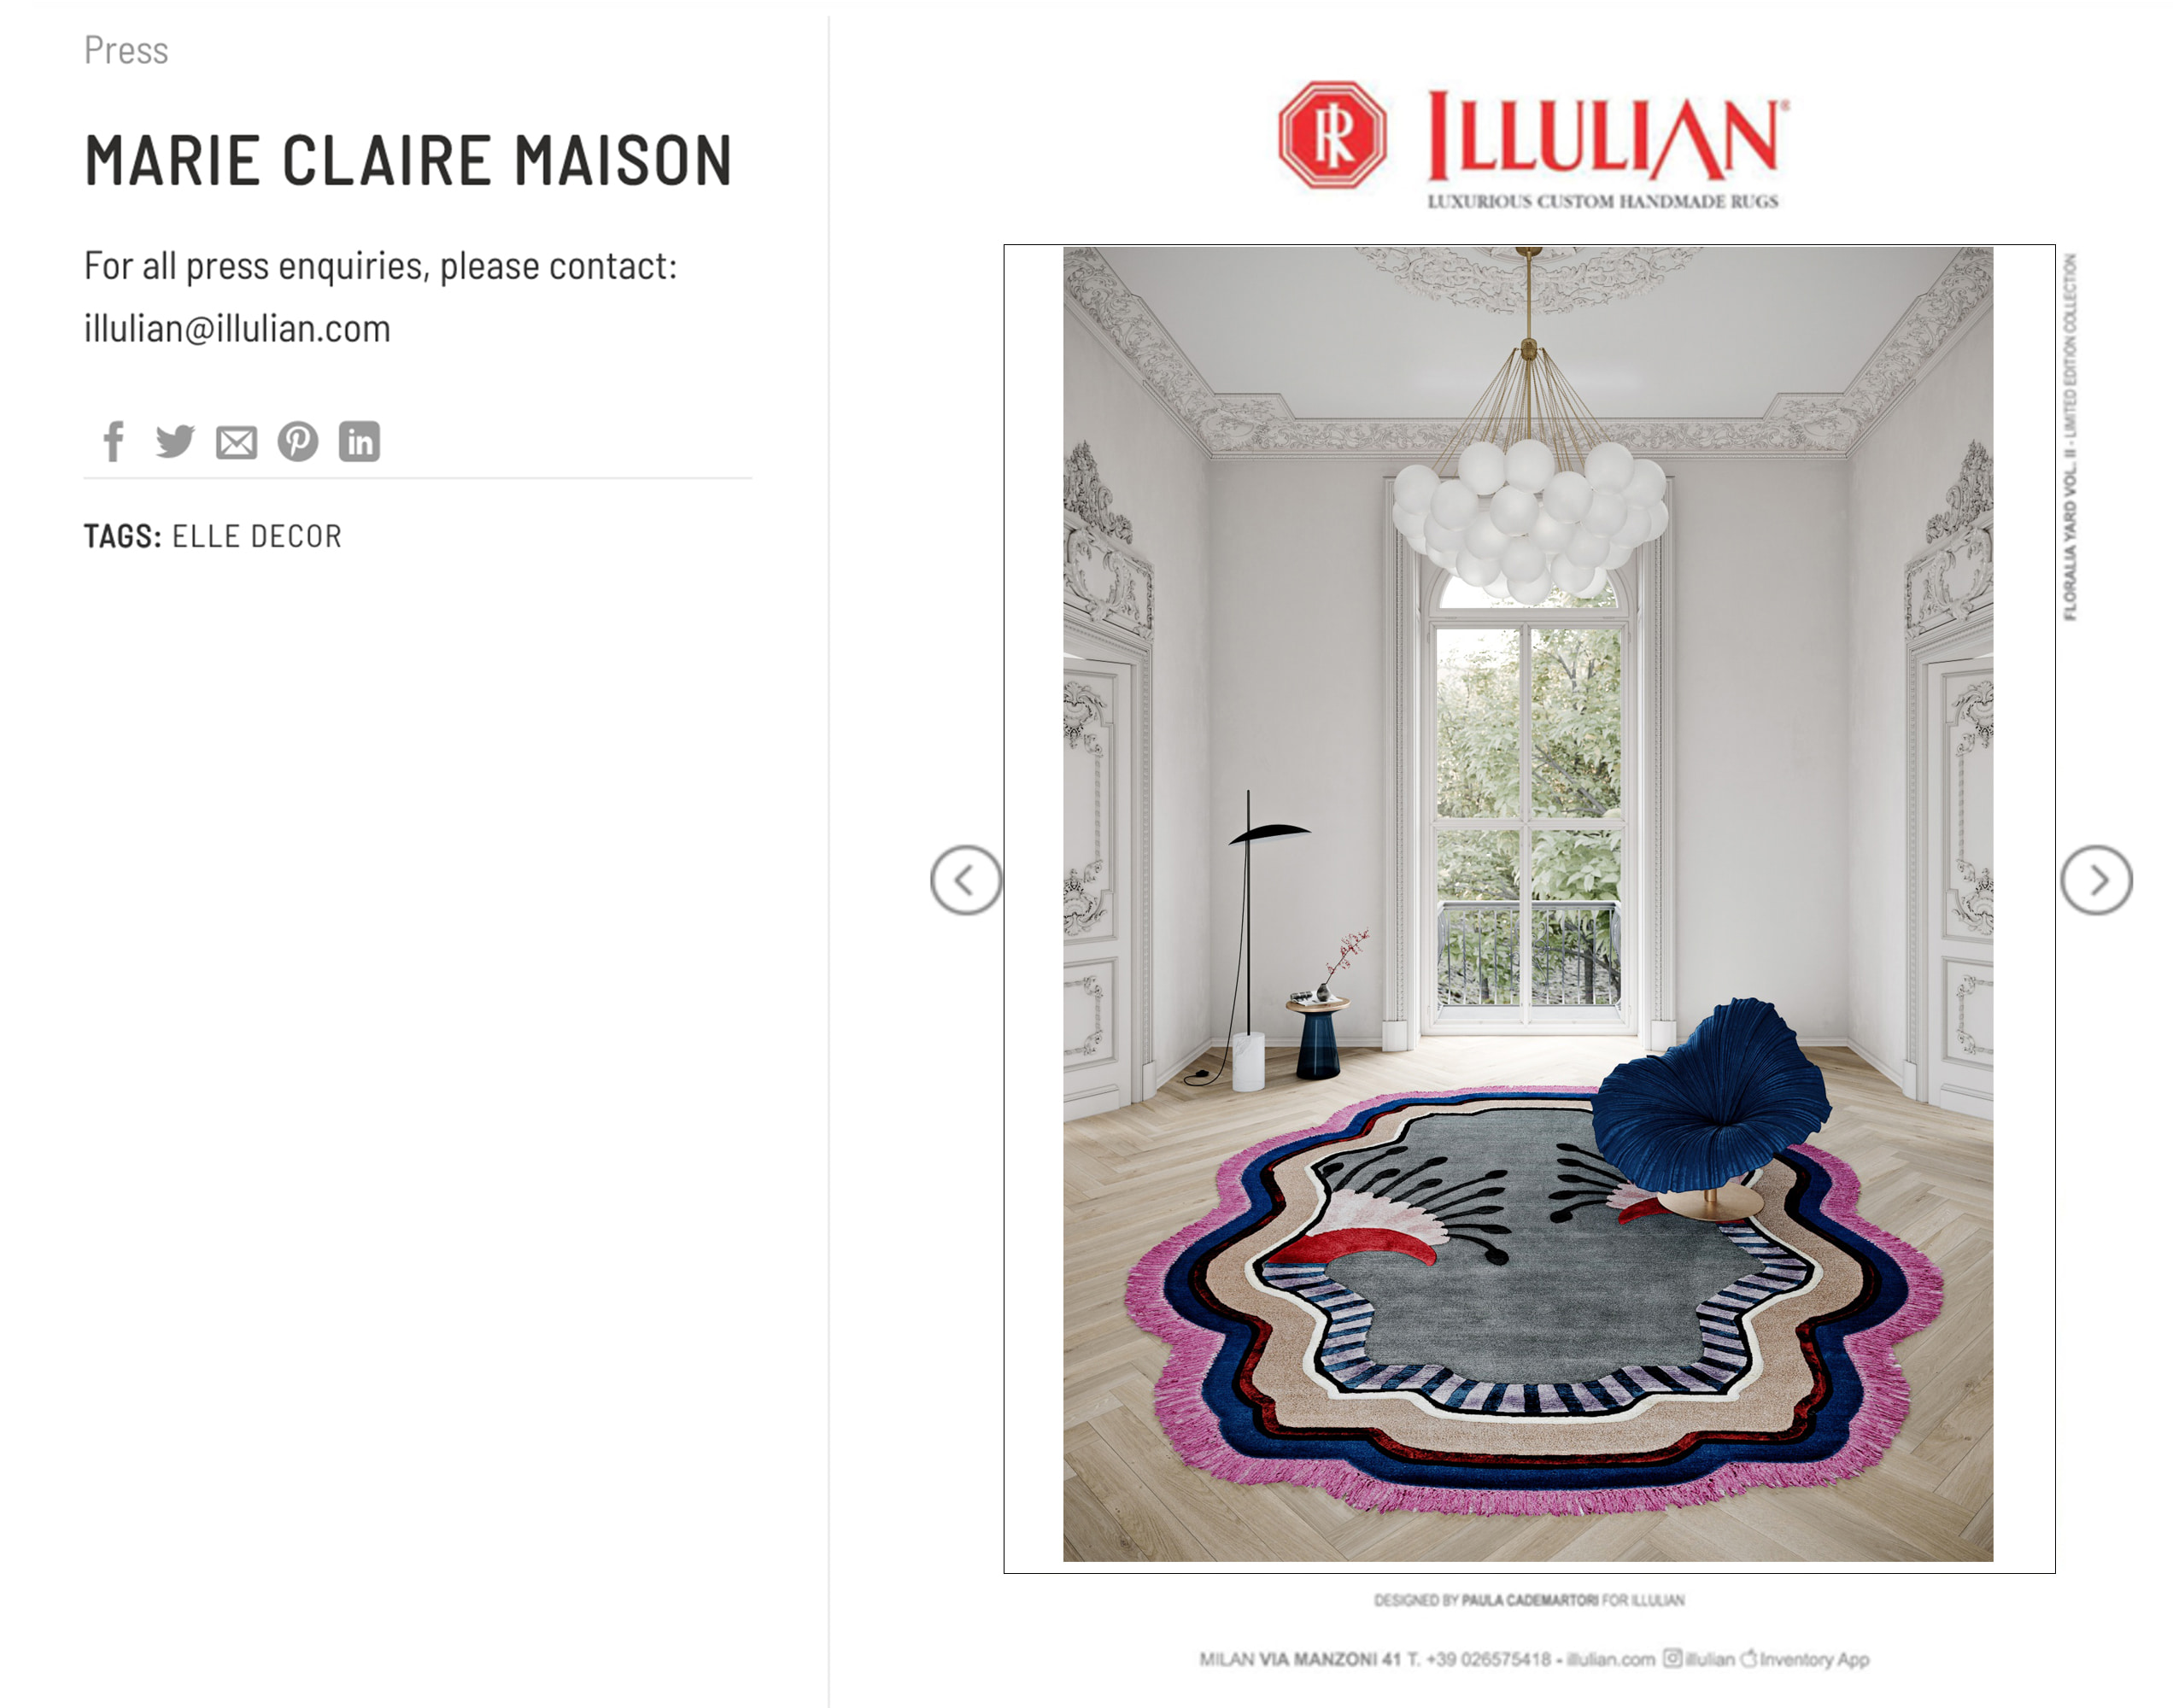 Illulian Marie Claire Maison